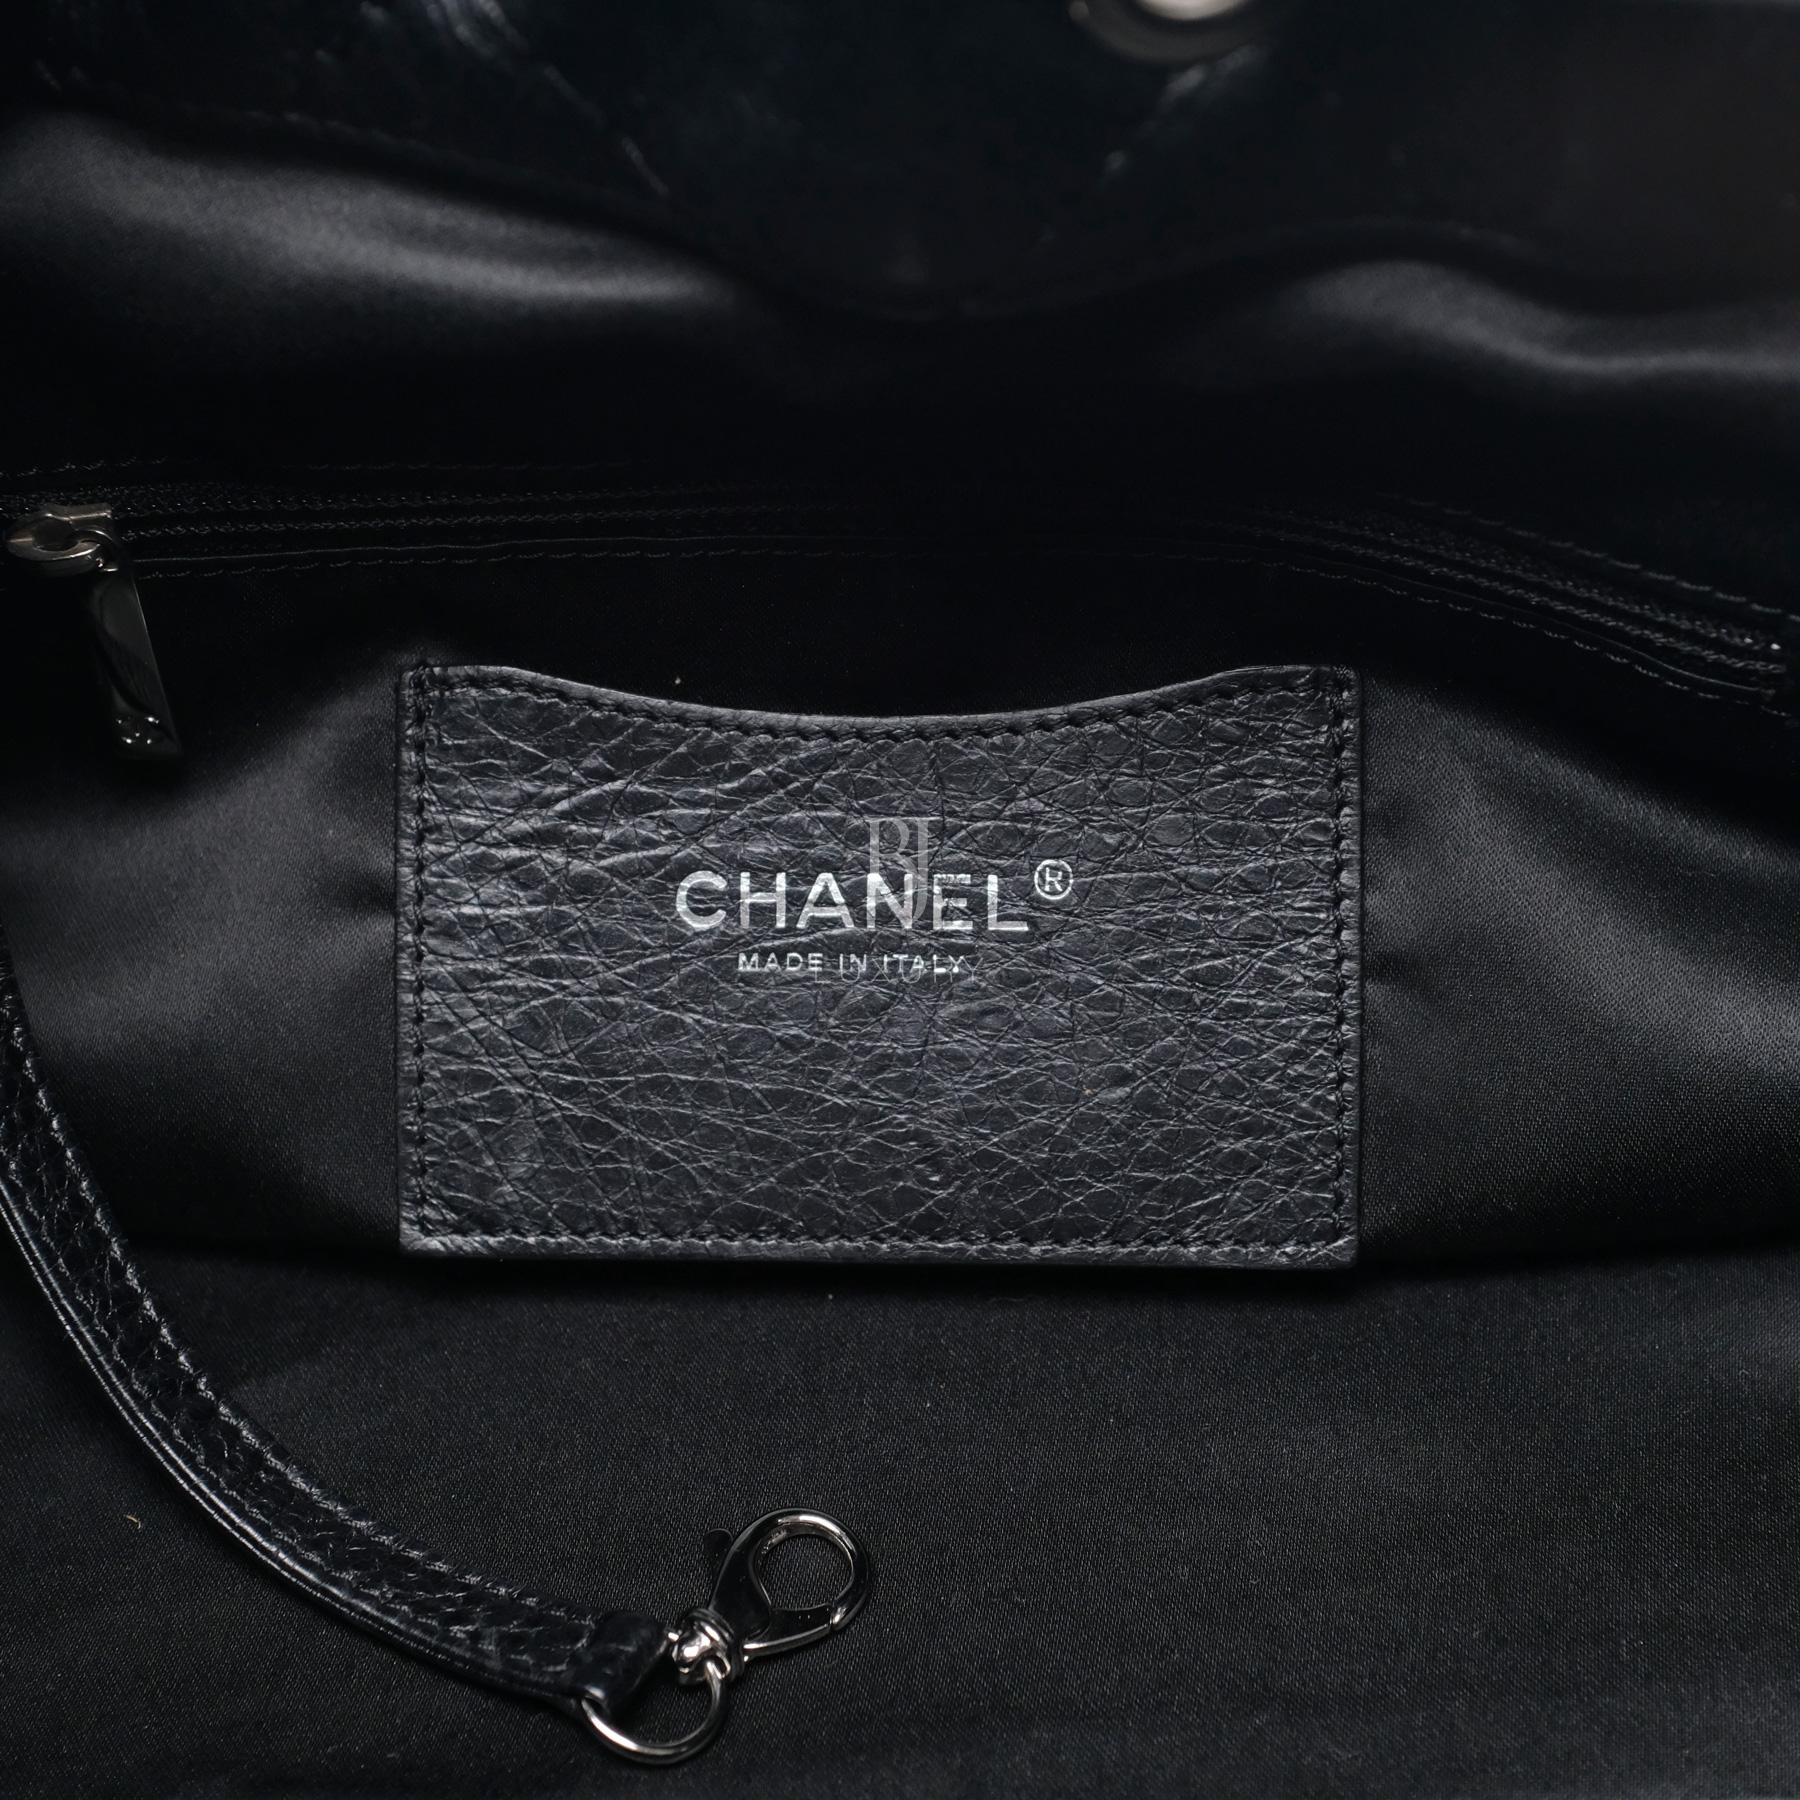 CHANEL-DRAWSTRINGBAG-24-BLACK-AGEDCALFSKIN-DSCF6091.jpg